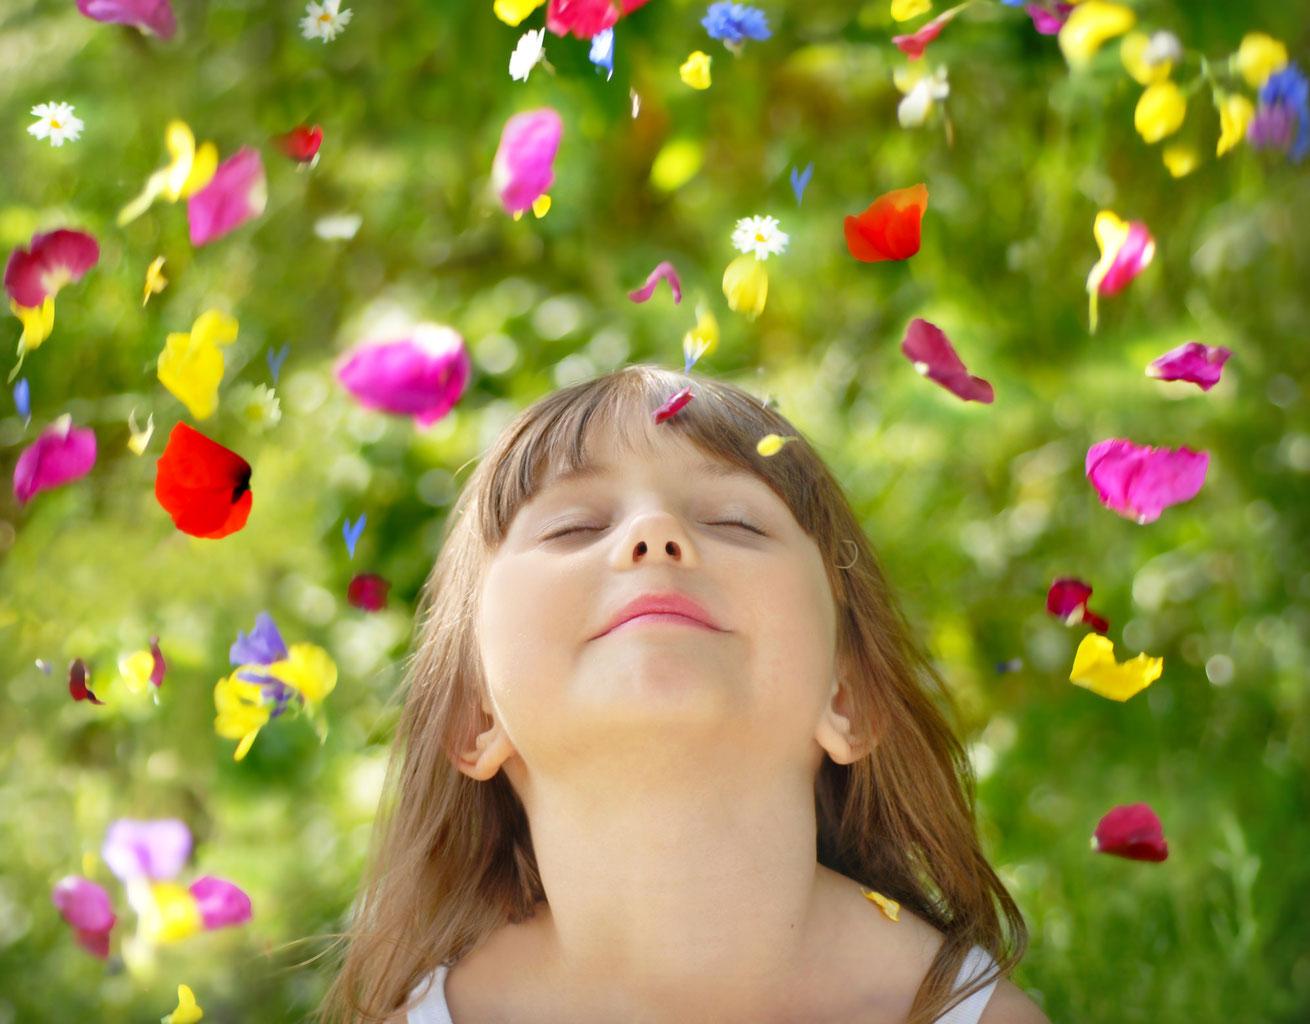 望む未来へ成長する少女